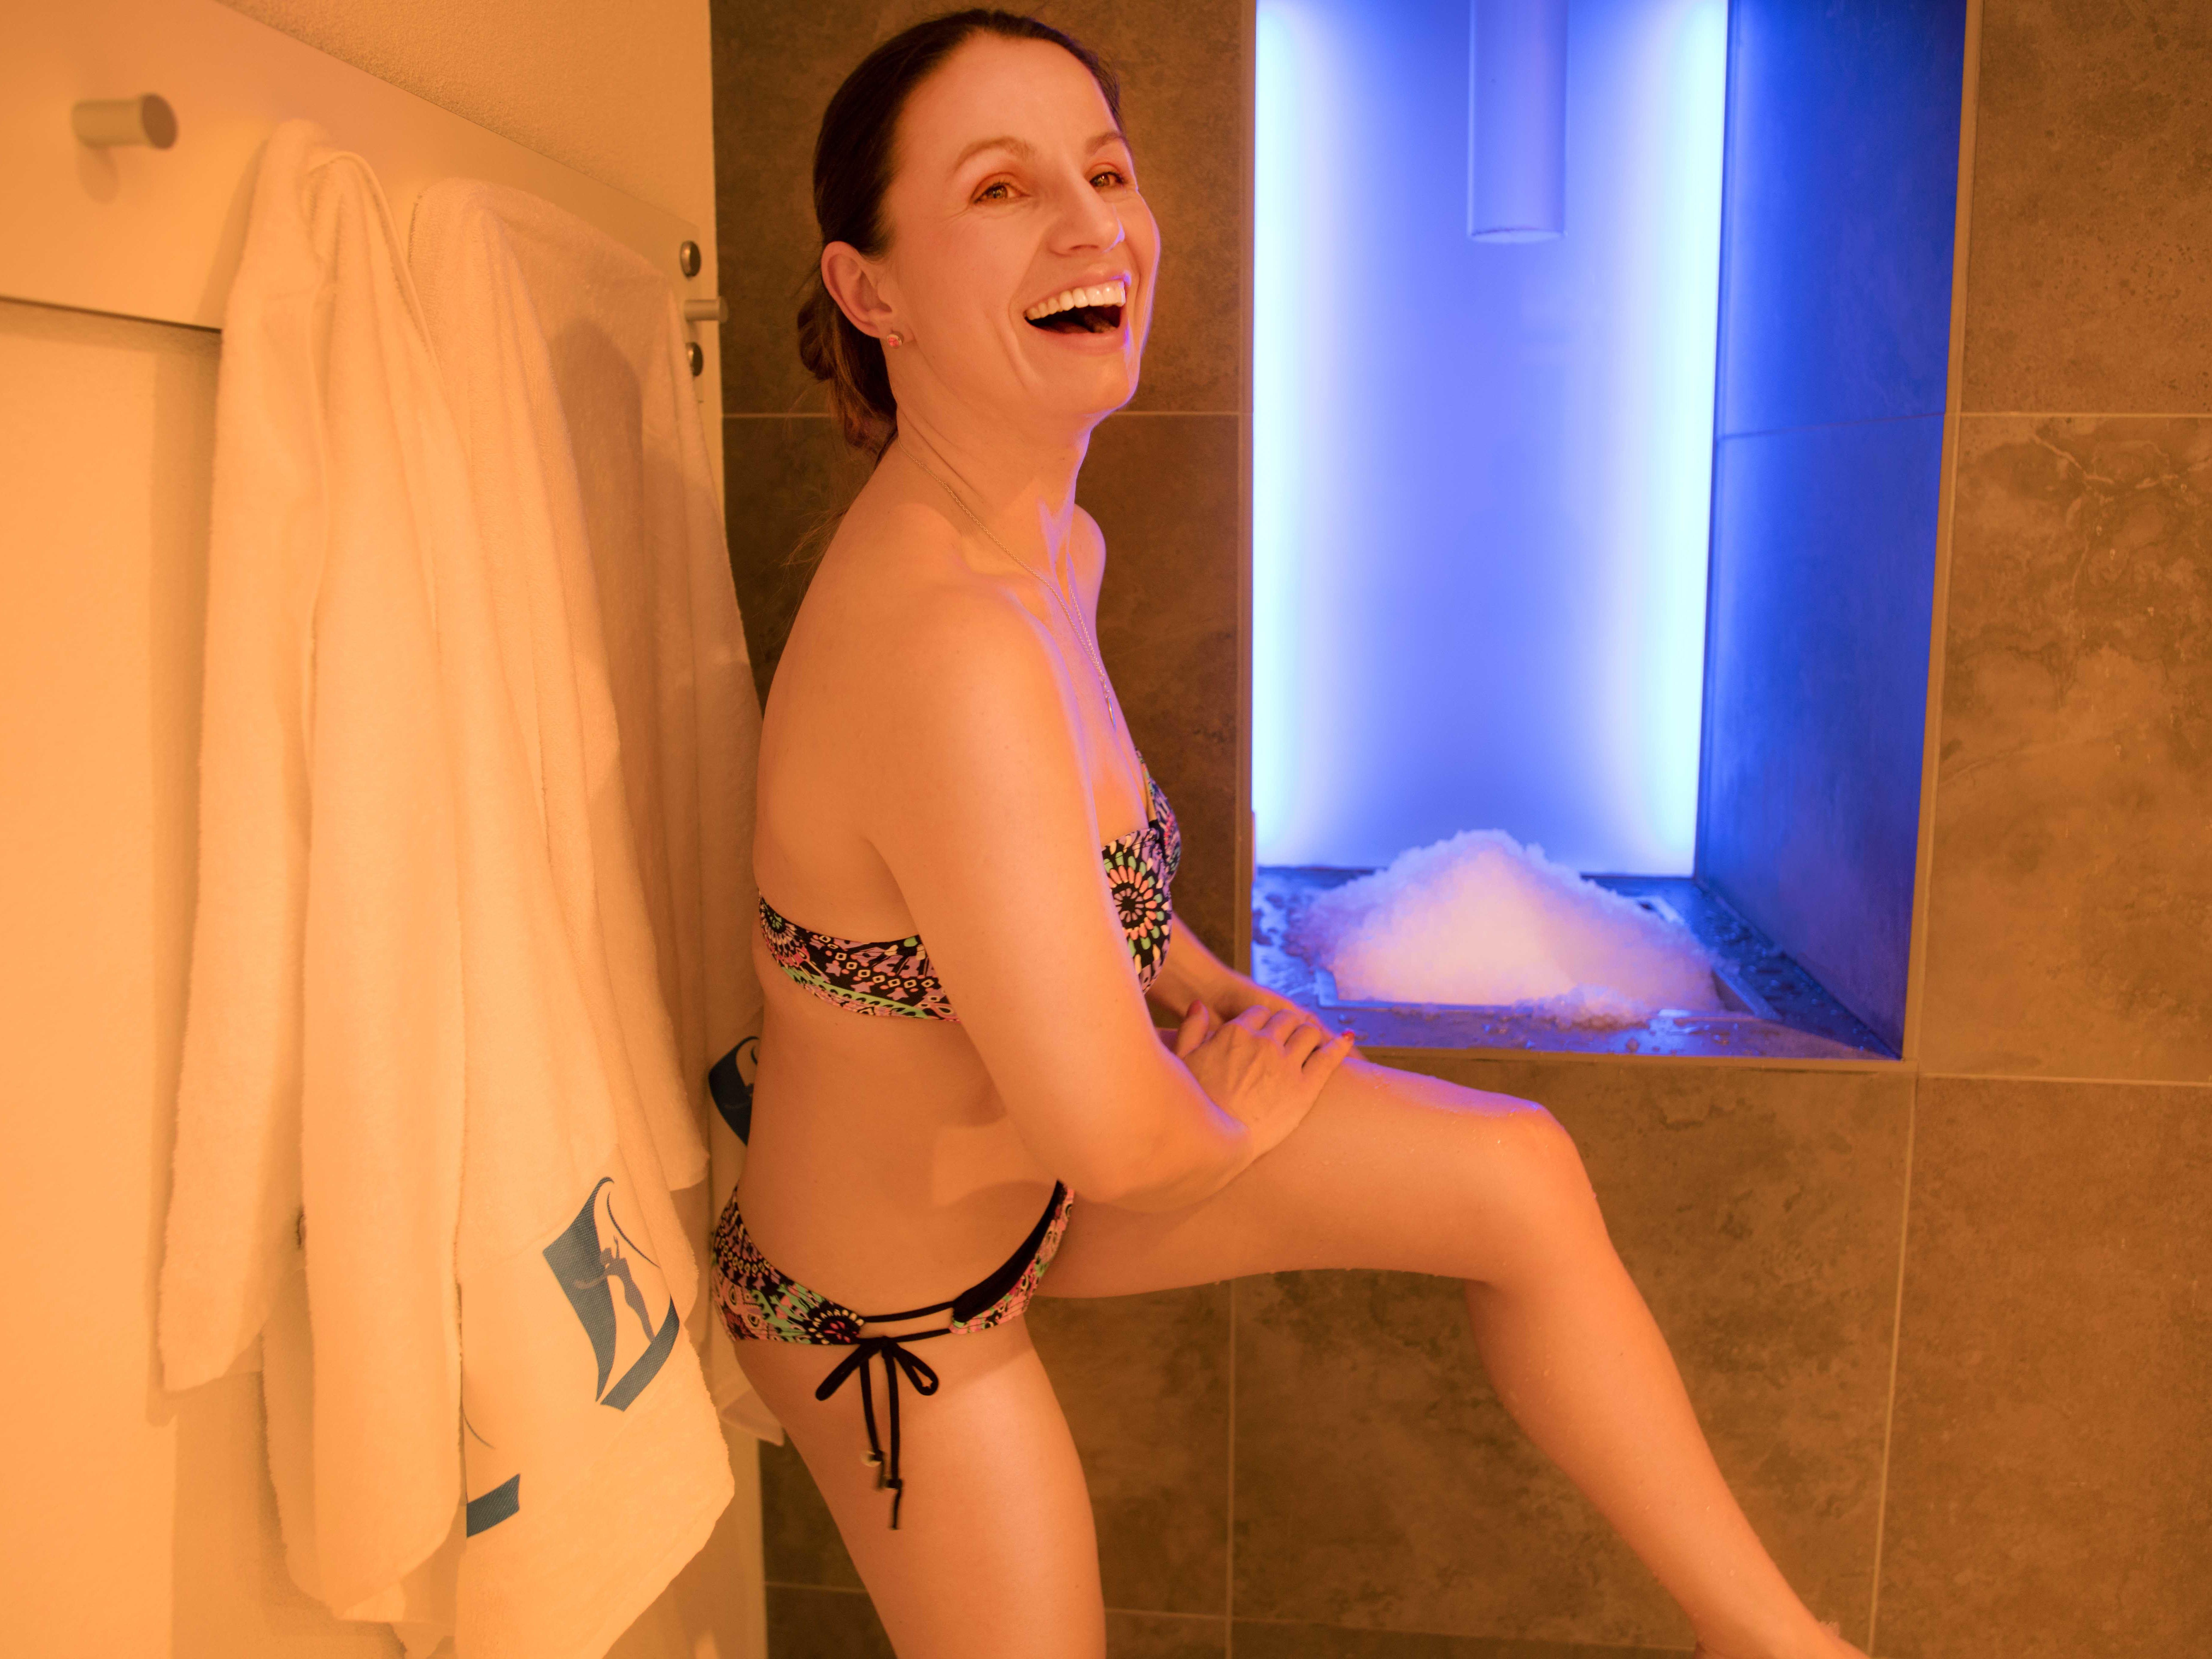 Frau reibt sich mit Salz in der Sauna der Paracelsus-Therme in der Nähe von Stuttgart, Ludwigsburg, Pforzheim & Böblingen ein